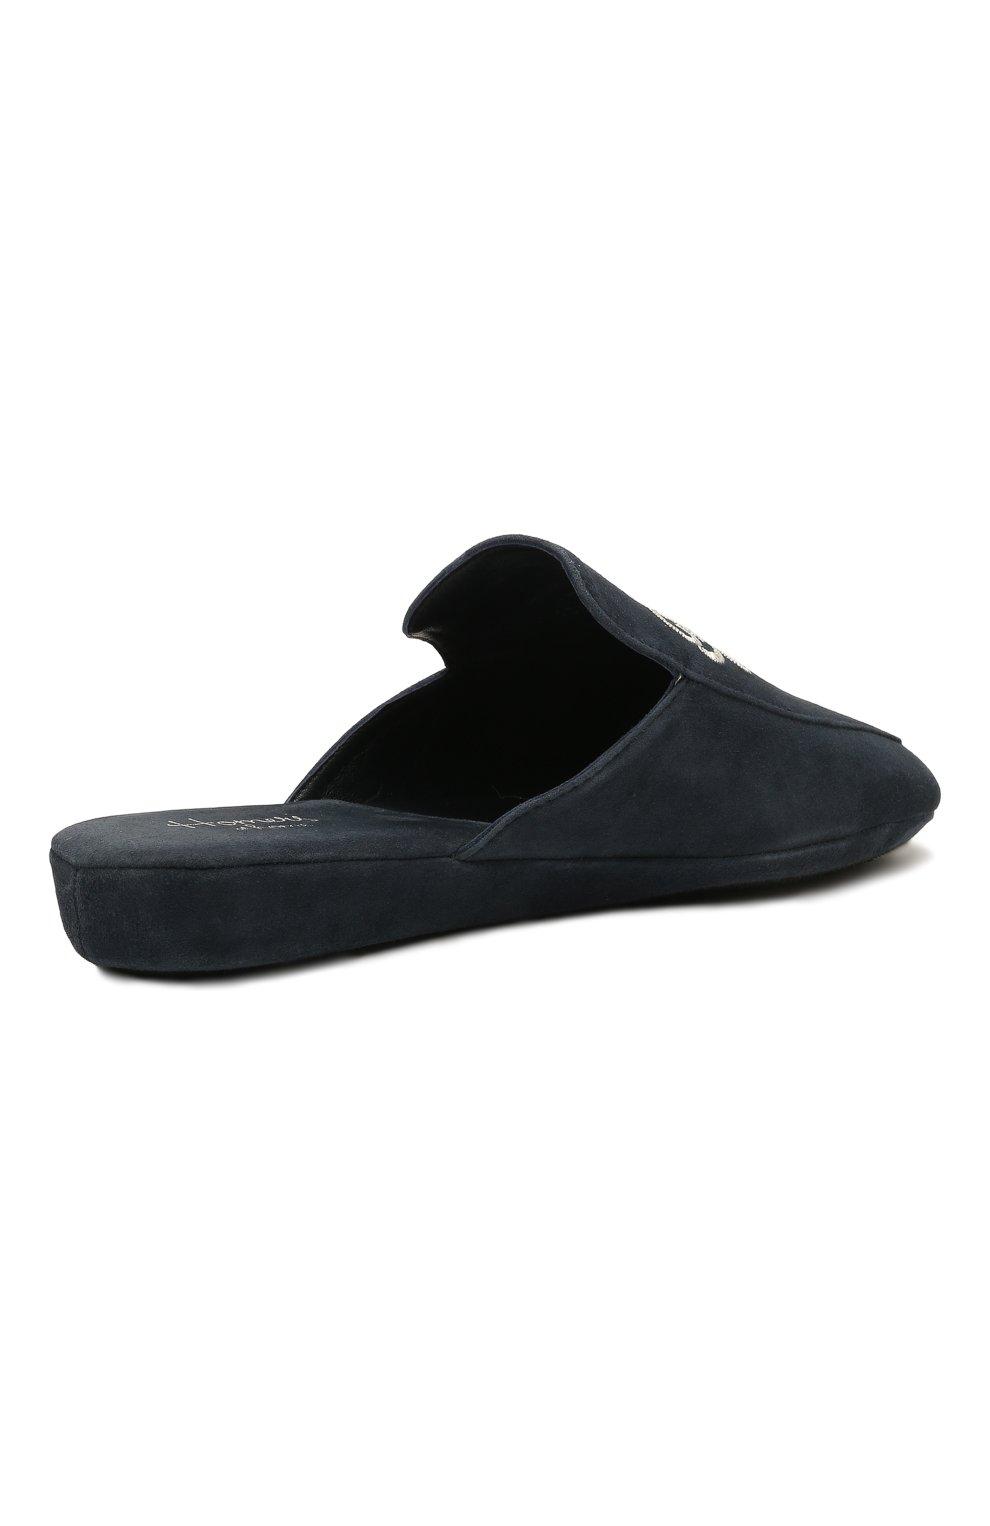 Женского домашние туфли из замши HOMERS AT HOME темно-синего цвета, арт. 18482A/ANTE | Фото 5 (Подошва: Платформа; Материал внутренний: Натуральная кожа; Женское Кросс-КТ: тапочки-домашняя обувь)